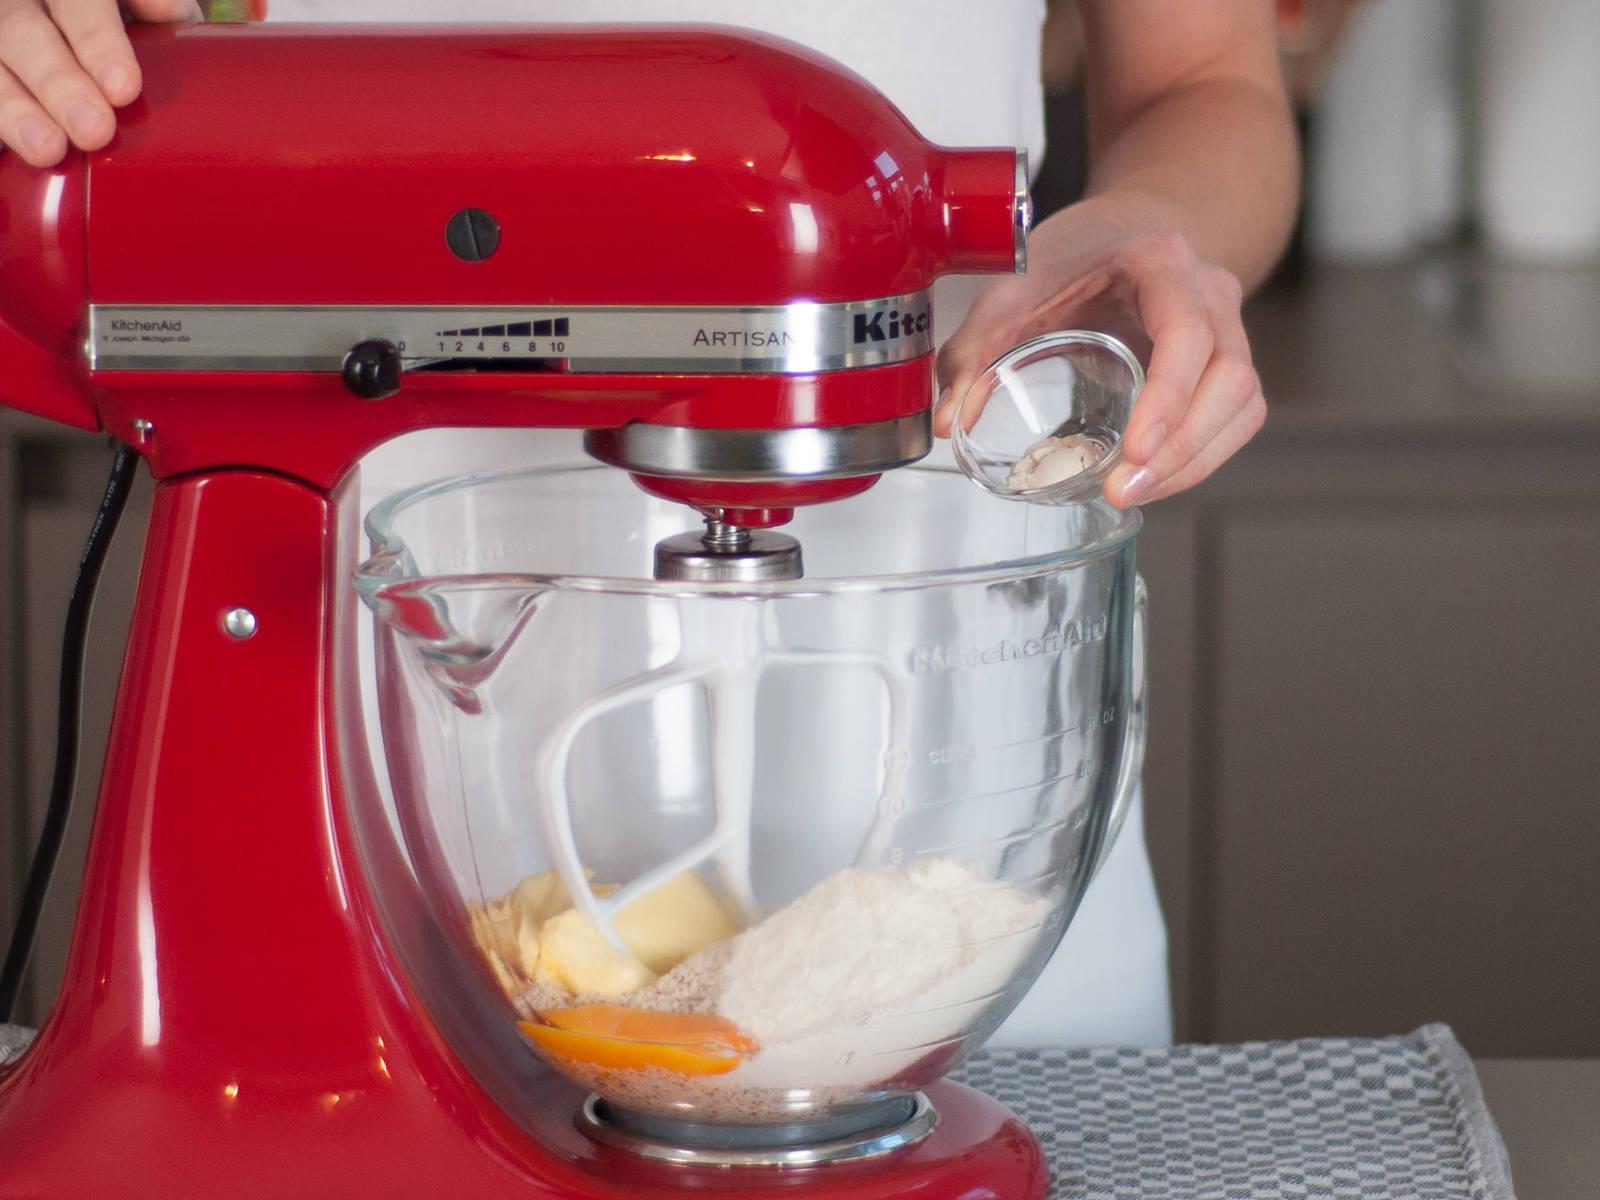 Backofen auf 170°C vorheizen. Gemahlene Mandeln, Proteinpulver, Eigelb, Süßstoff, Zitronensaft, Butter und Johannisbrotkernmehl in einen Standmixer geben und für ca.  2 – 3 Min. vermischen, bis alles gut vermengt ist.